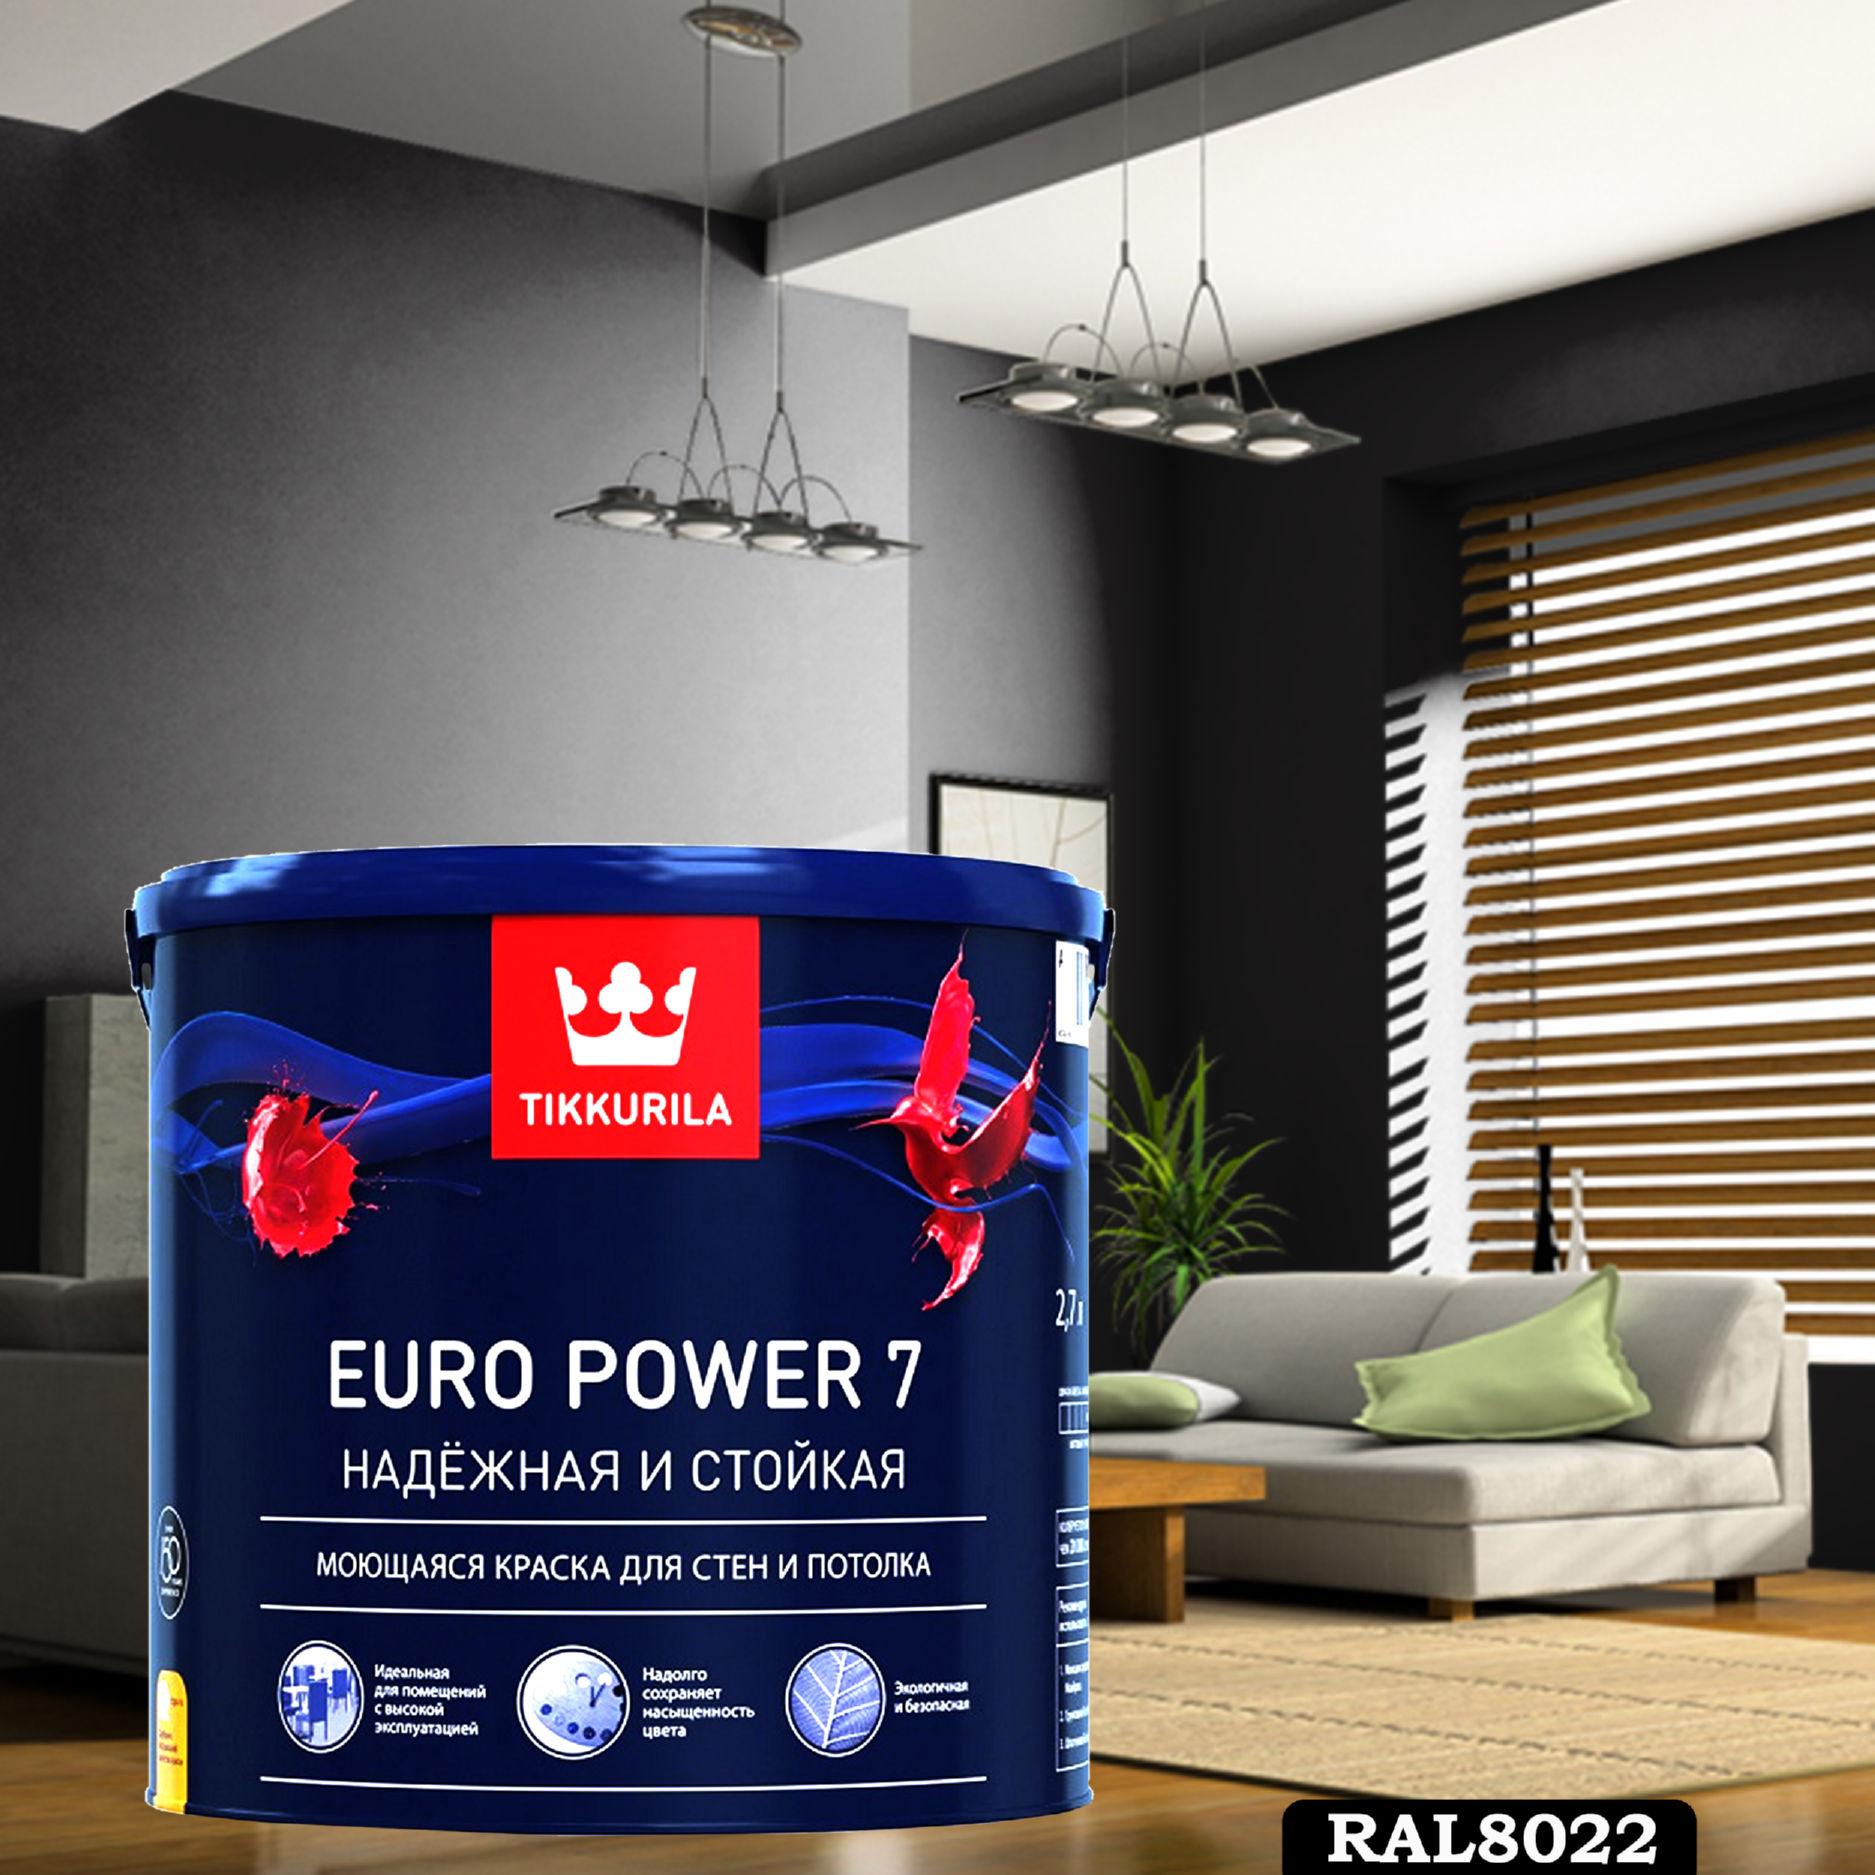 Фото 15 - Краска TIKKURILA Euro Power 7,  RAL 8022 Чёрно-коричневый, латексная моющаяся матовая интерьерная, 9 л.